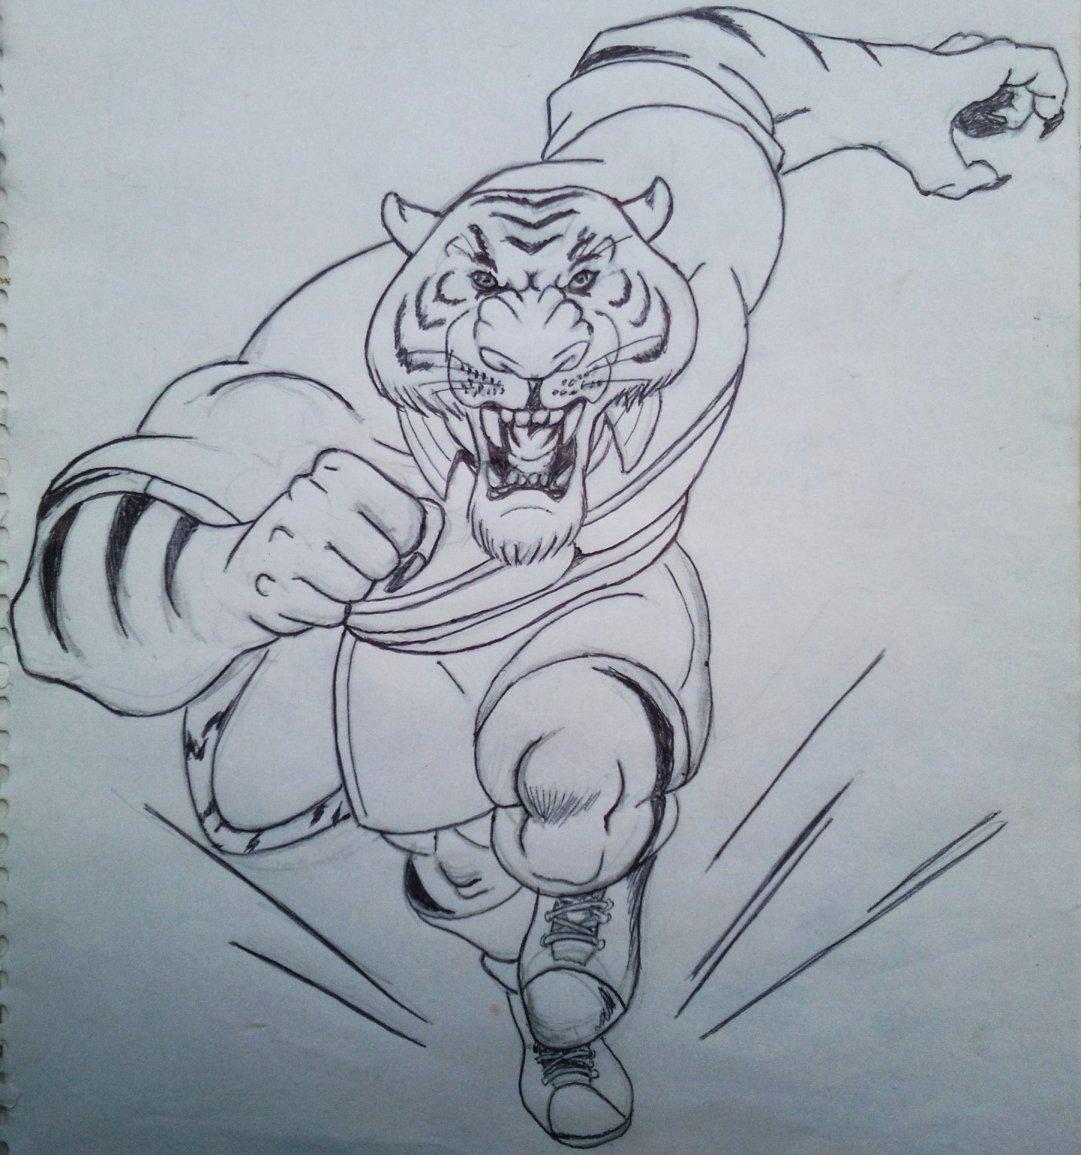 tigres_37179.jpg